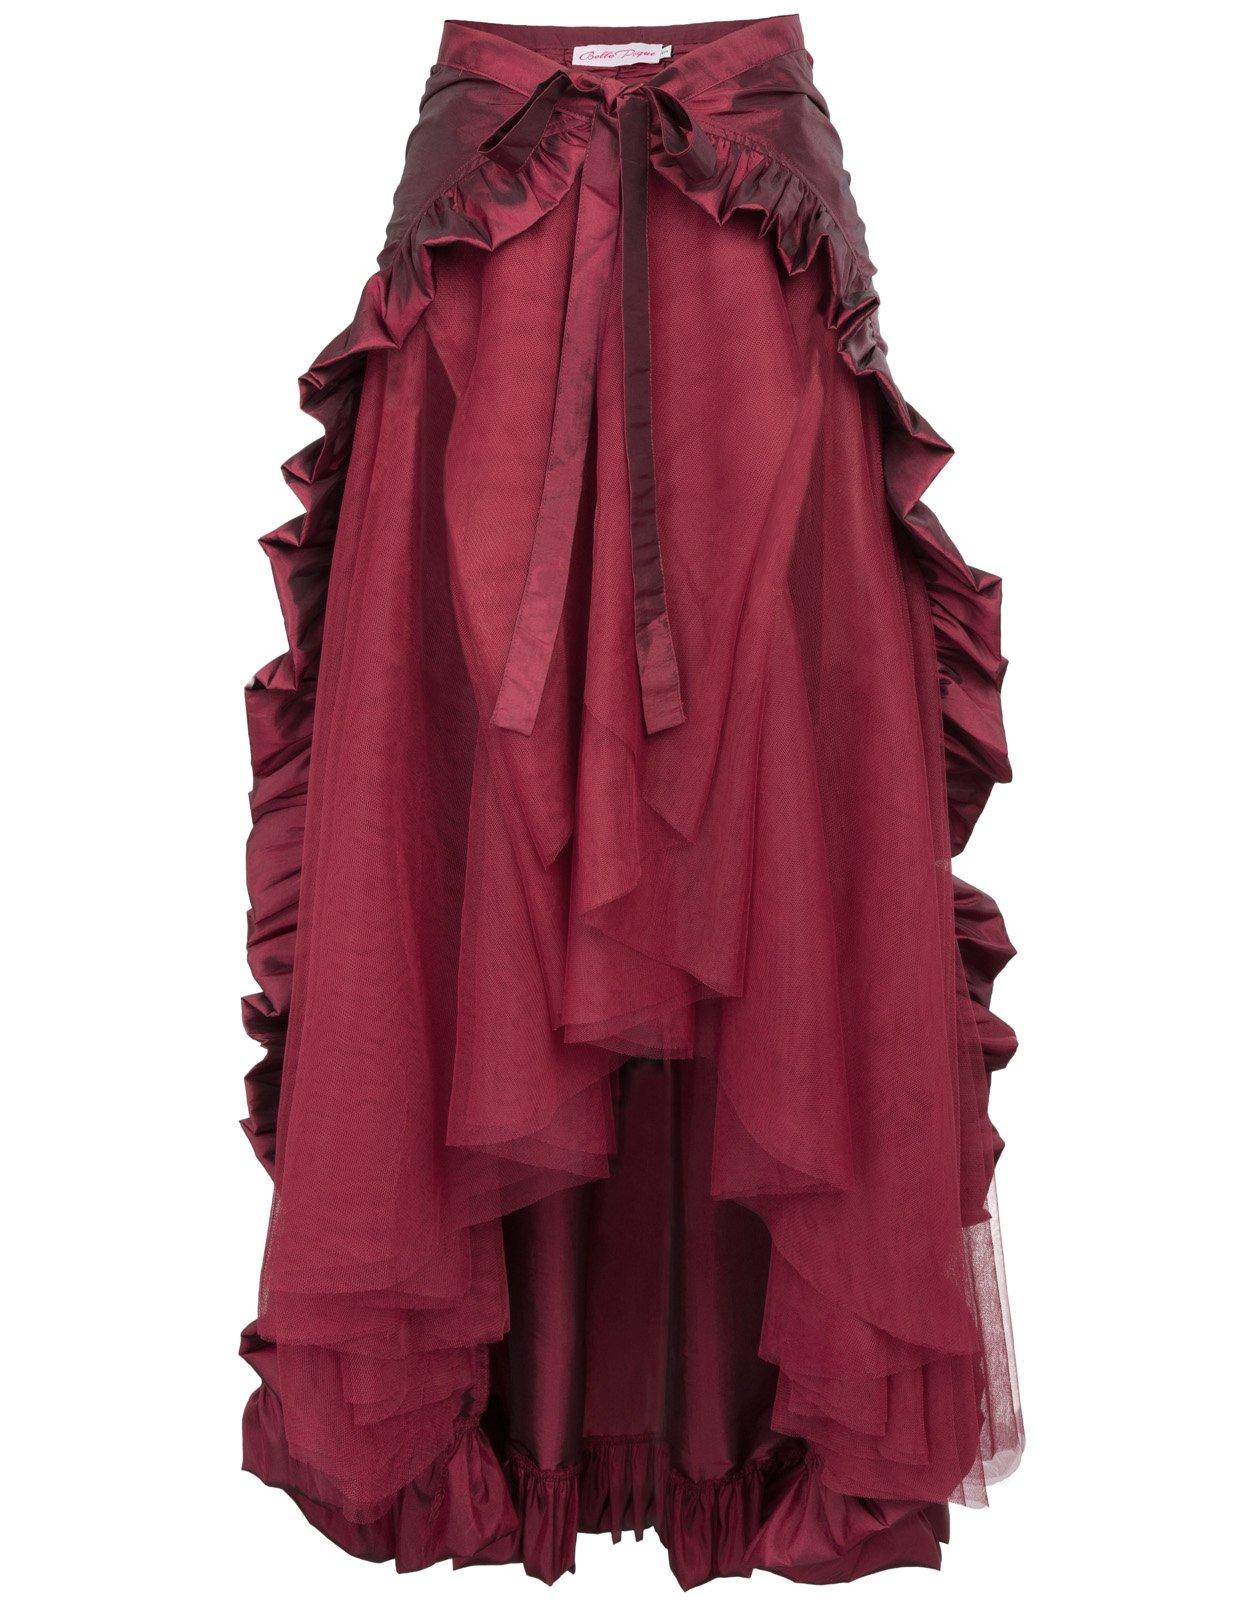 Steampunk Victorian Gothic Skirt Renaissance Pirate Skirt BP000206-3 M Wine